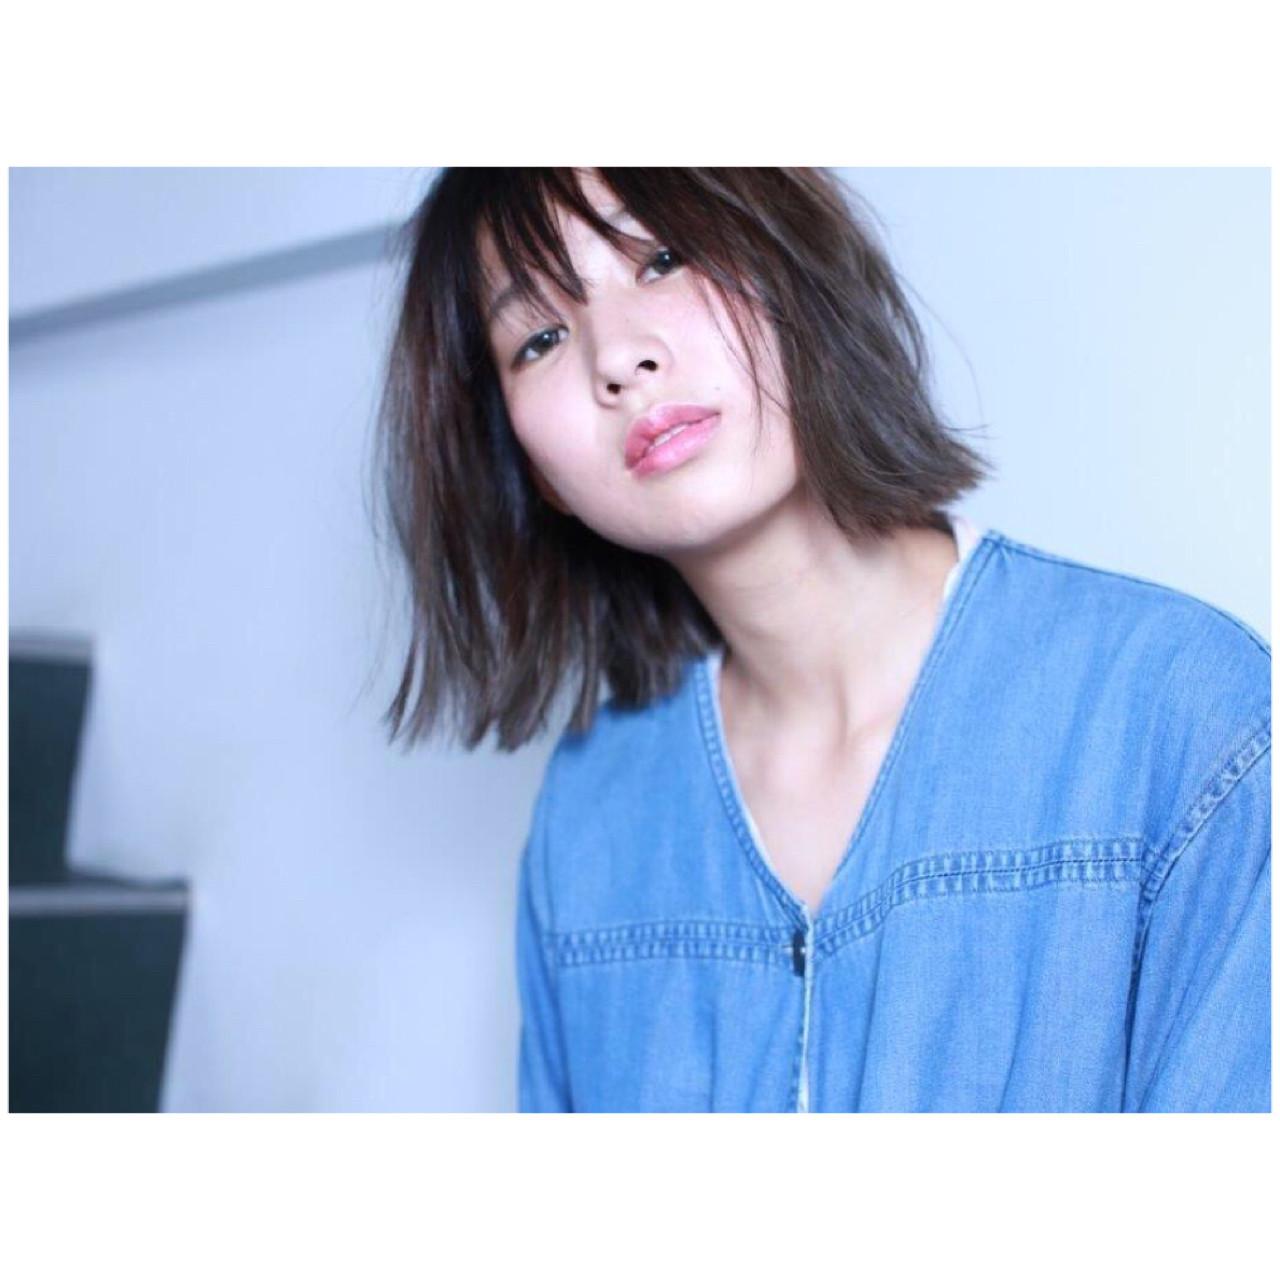 切りっぱなし ナチュラル 秋 アッシュグレー ヘアスタイルや髪型の写真・画像 | Yumi Hiramatsu / Sourire Imaizumi【スーリール イマイズミ】